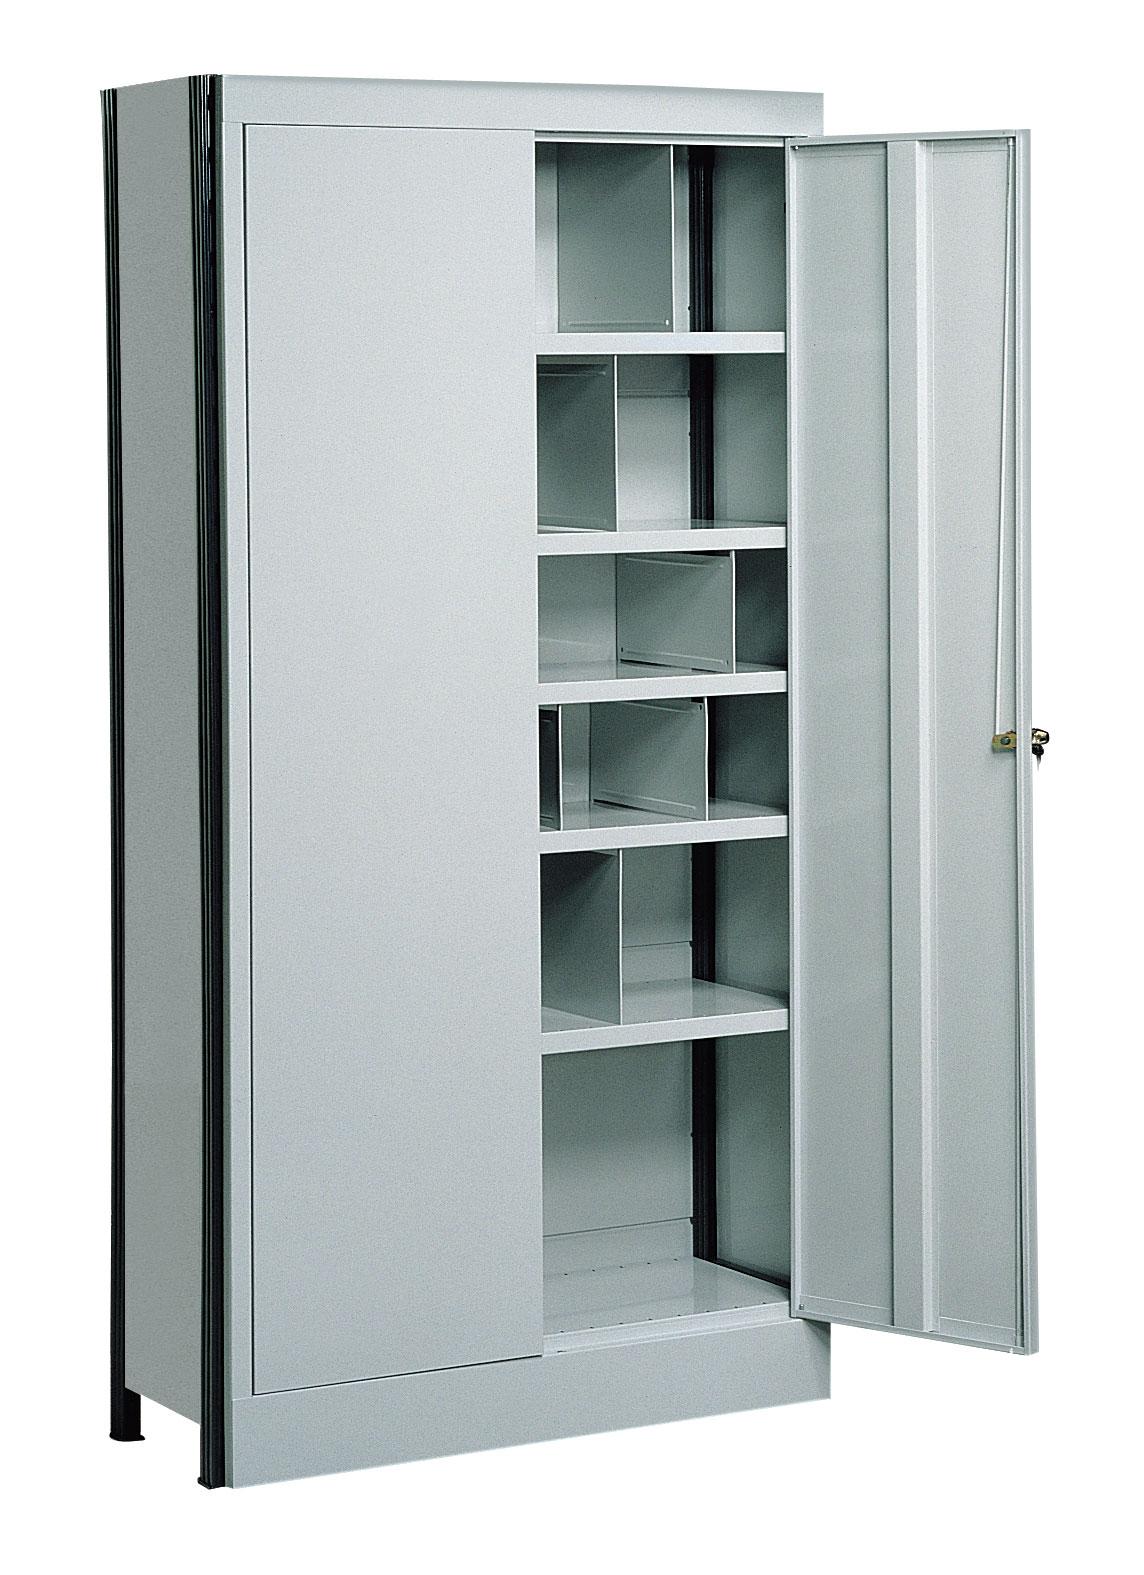 Rayonnage peint avec casiers H.2000 x L.1030 x P.400 mm et portes